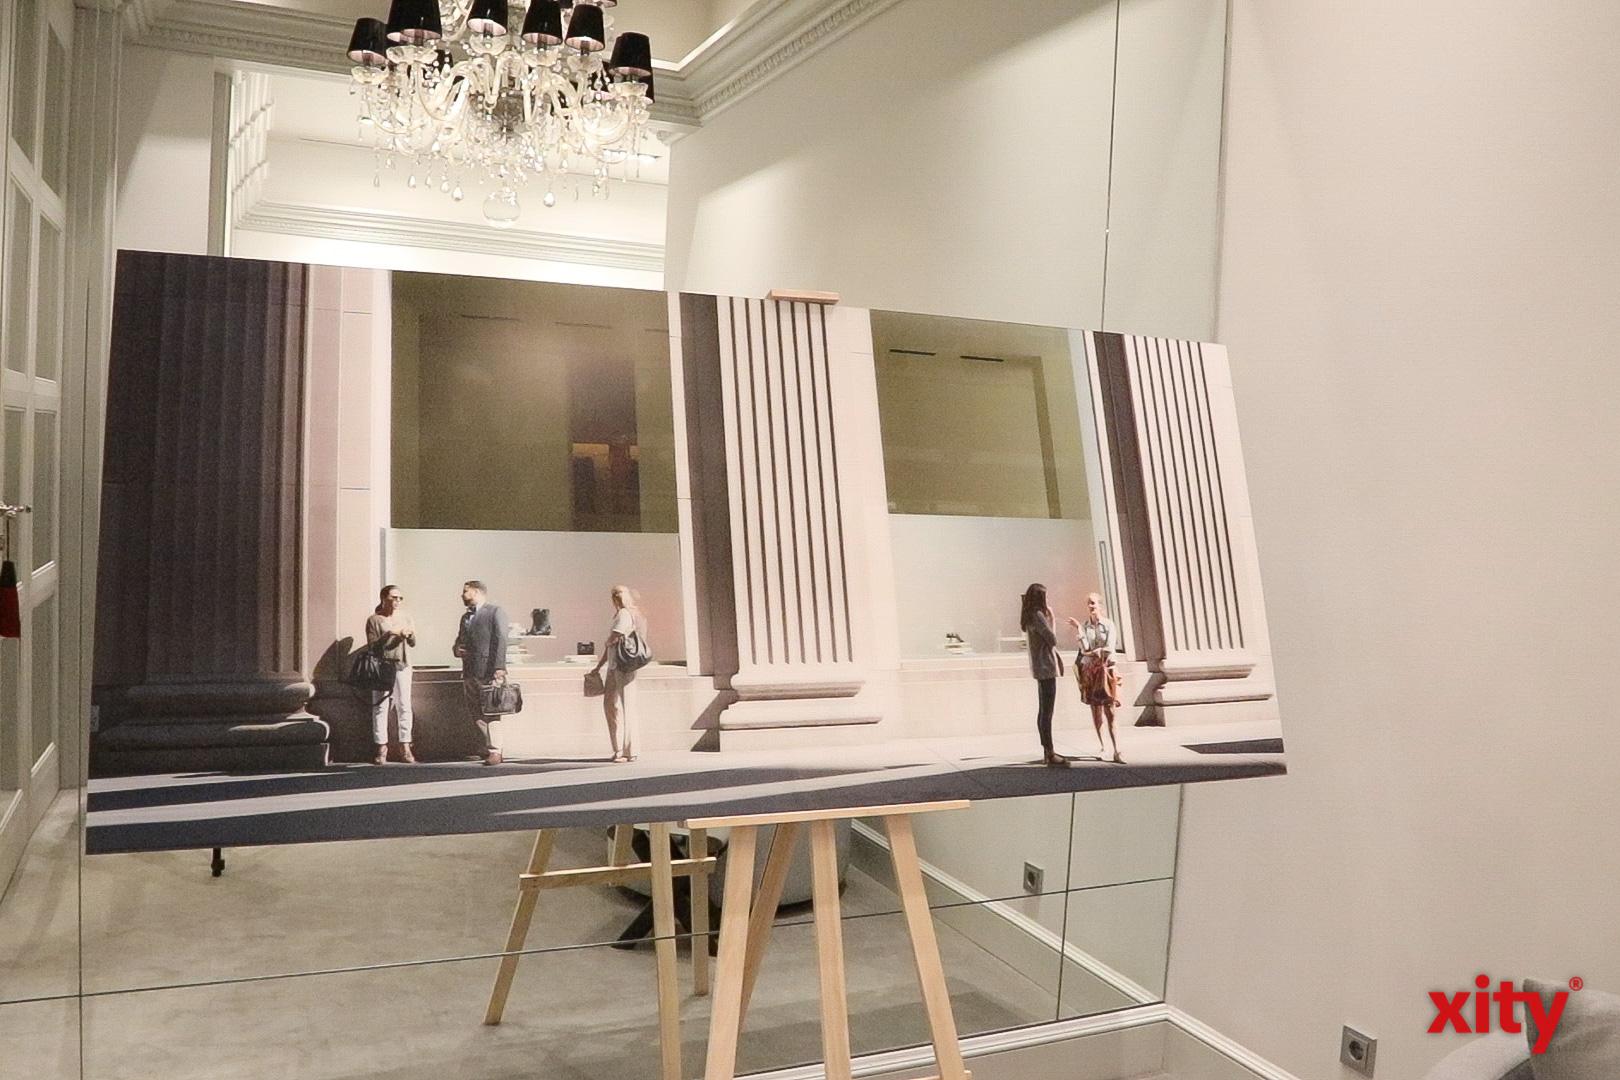 Erstmals wurde bei der Promenade D´Art die Fotokunst vom Gudrun Kemsa gezeigt  (Foto: xity)